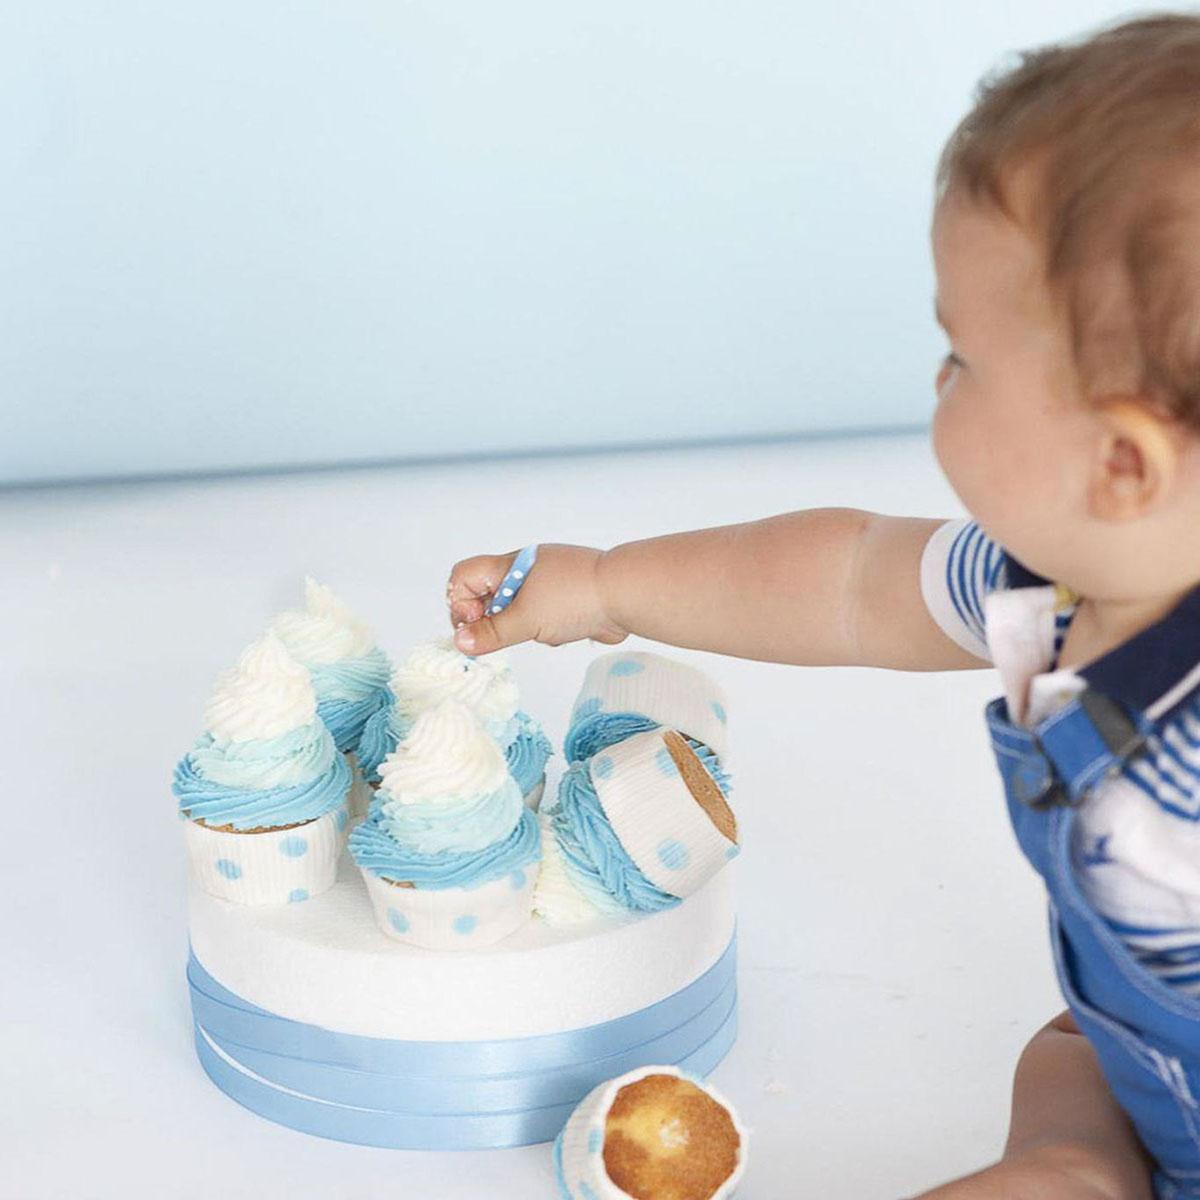 bambino con candela torta